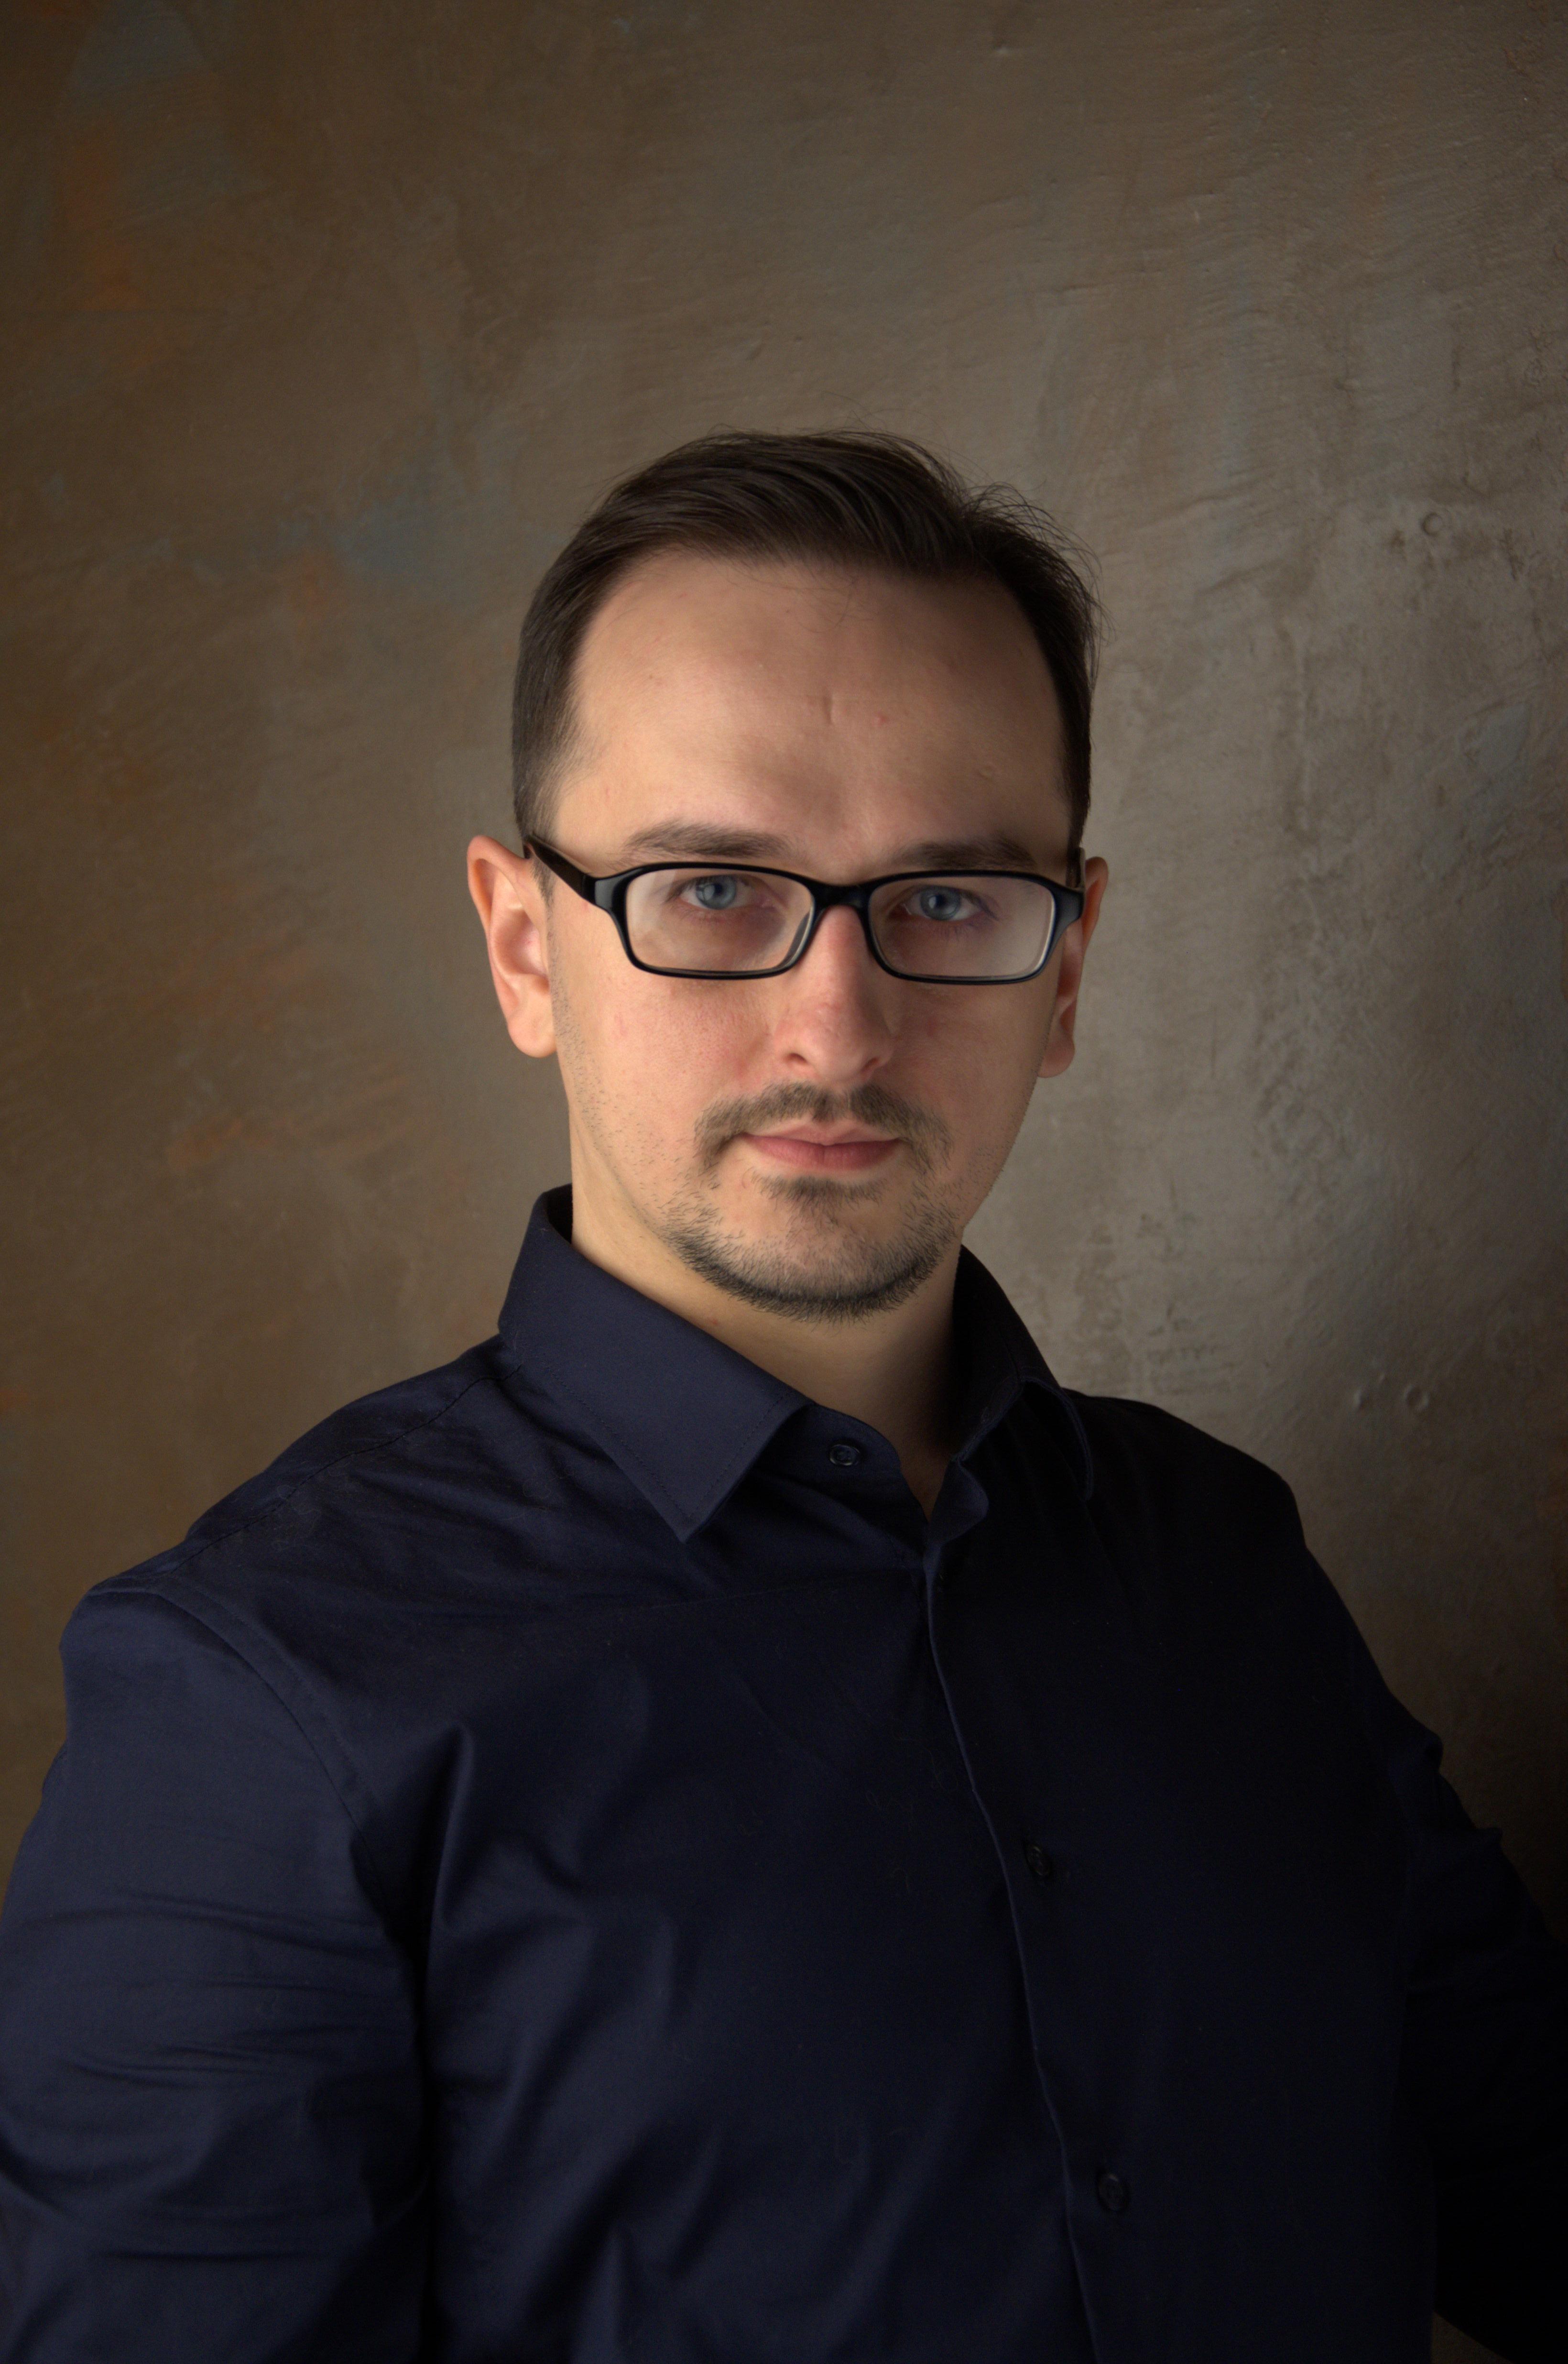 Тупицын Михаил Игоревич